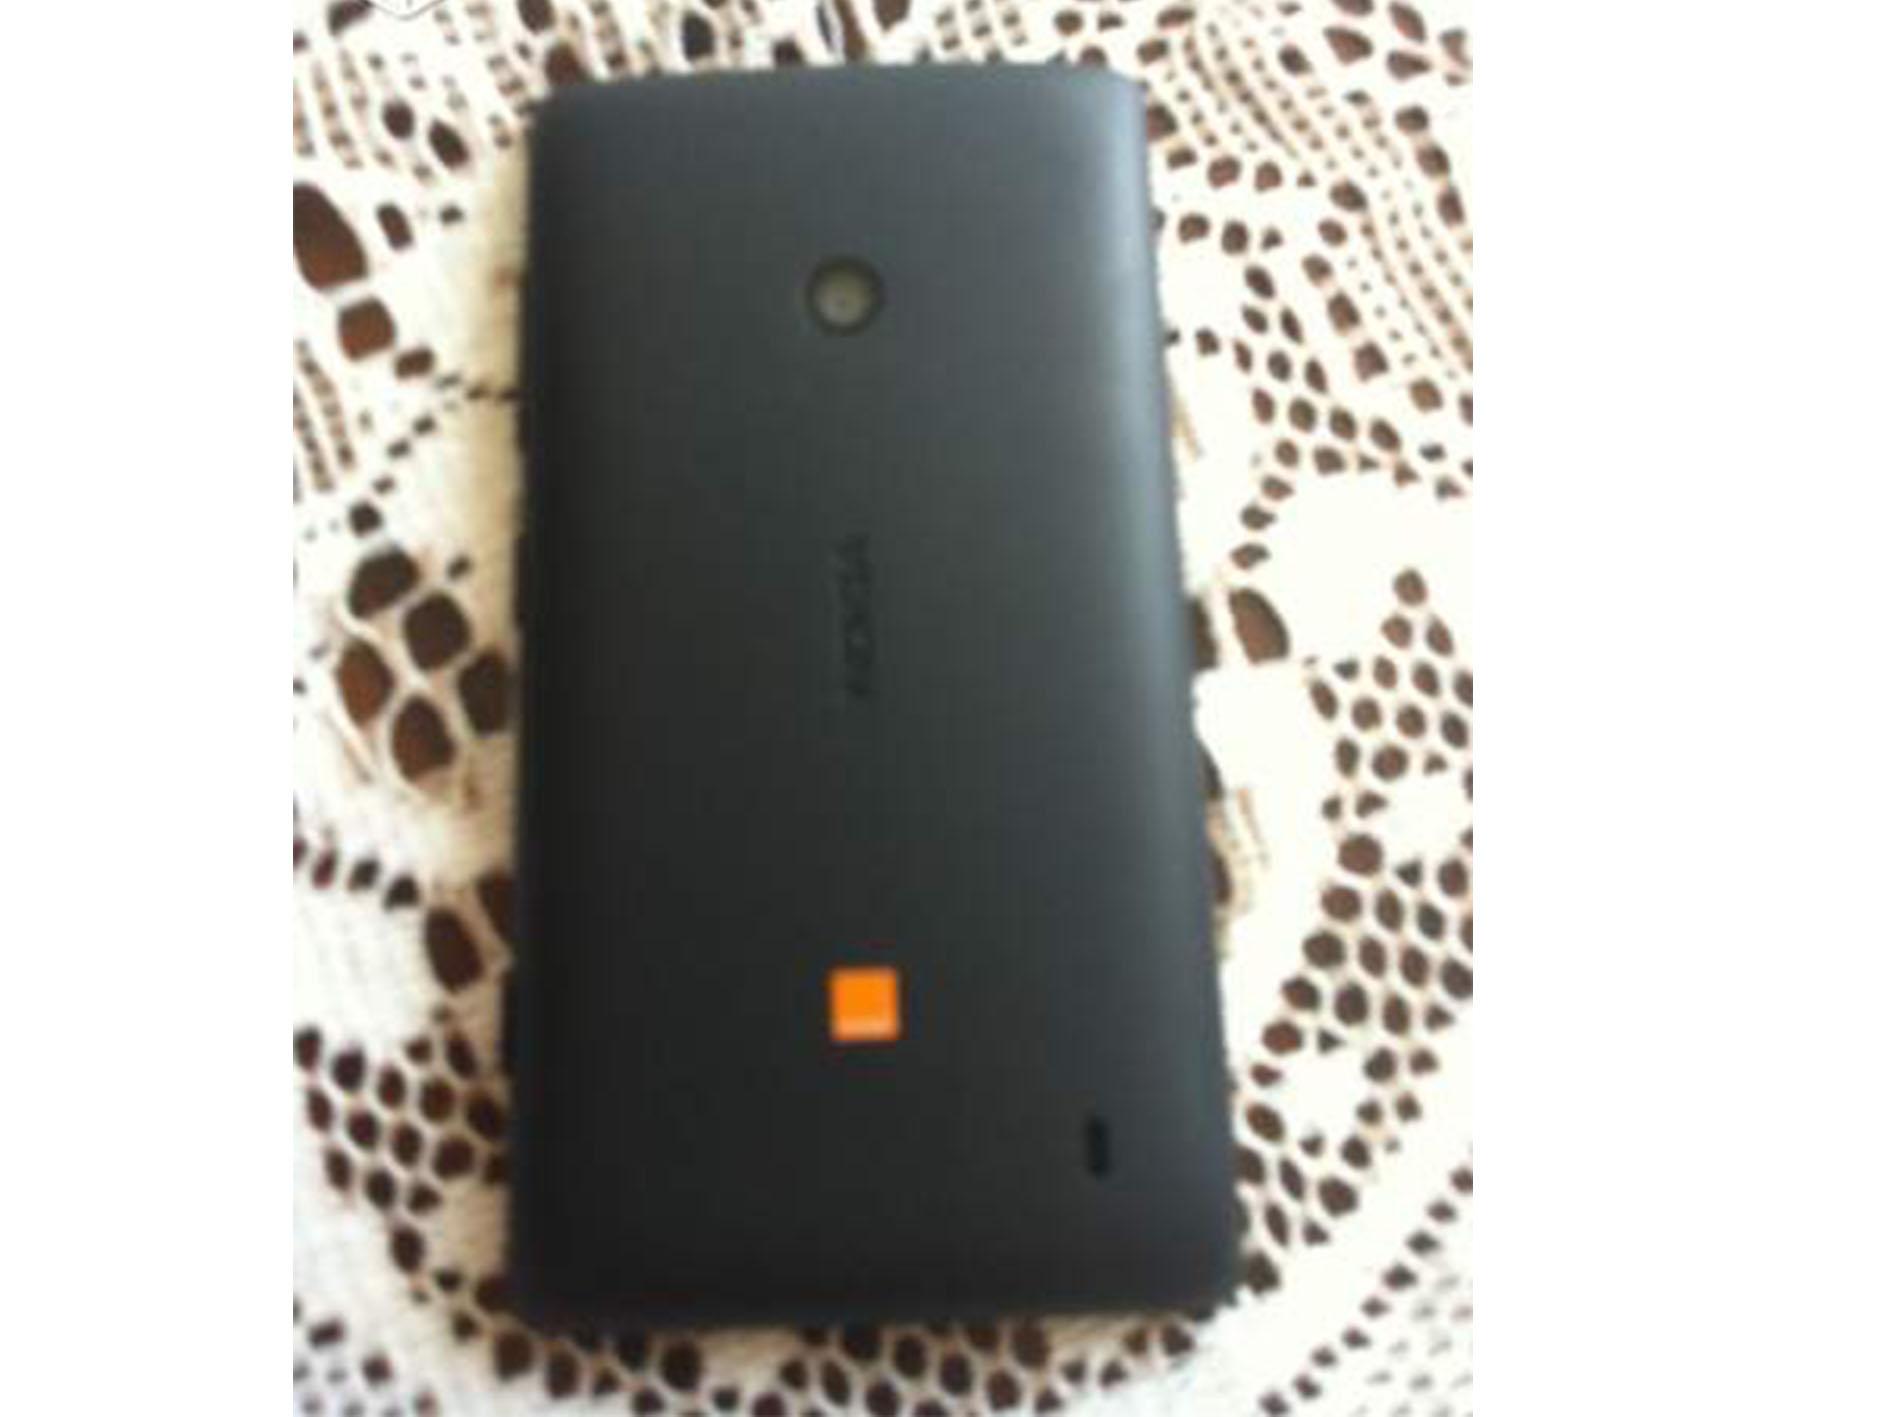 Téléphone Nokis Lumia